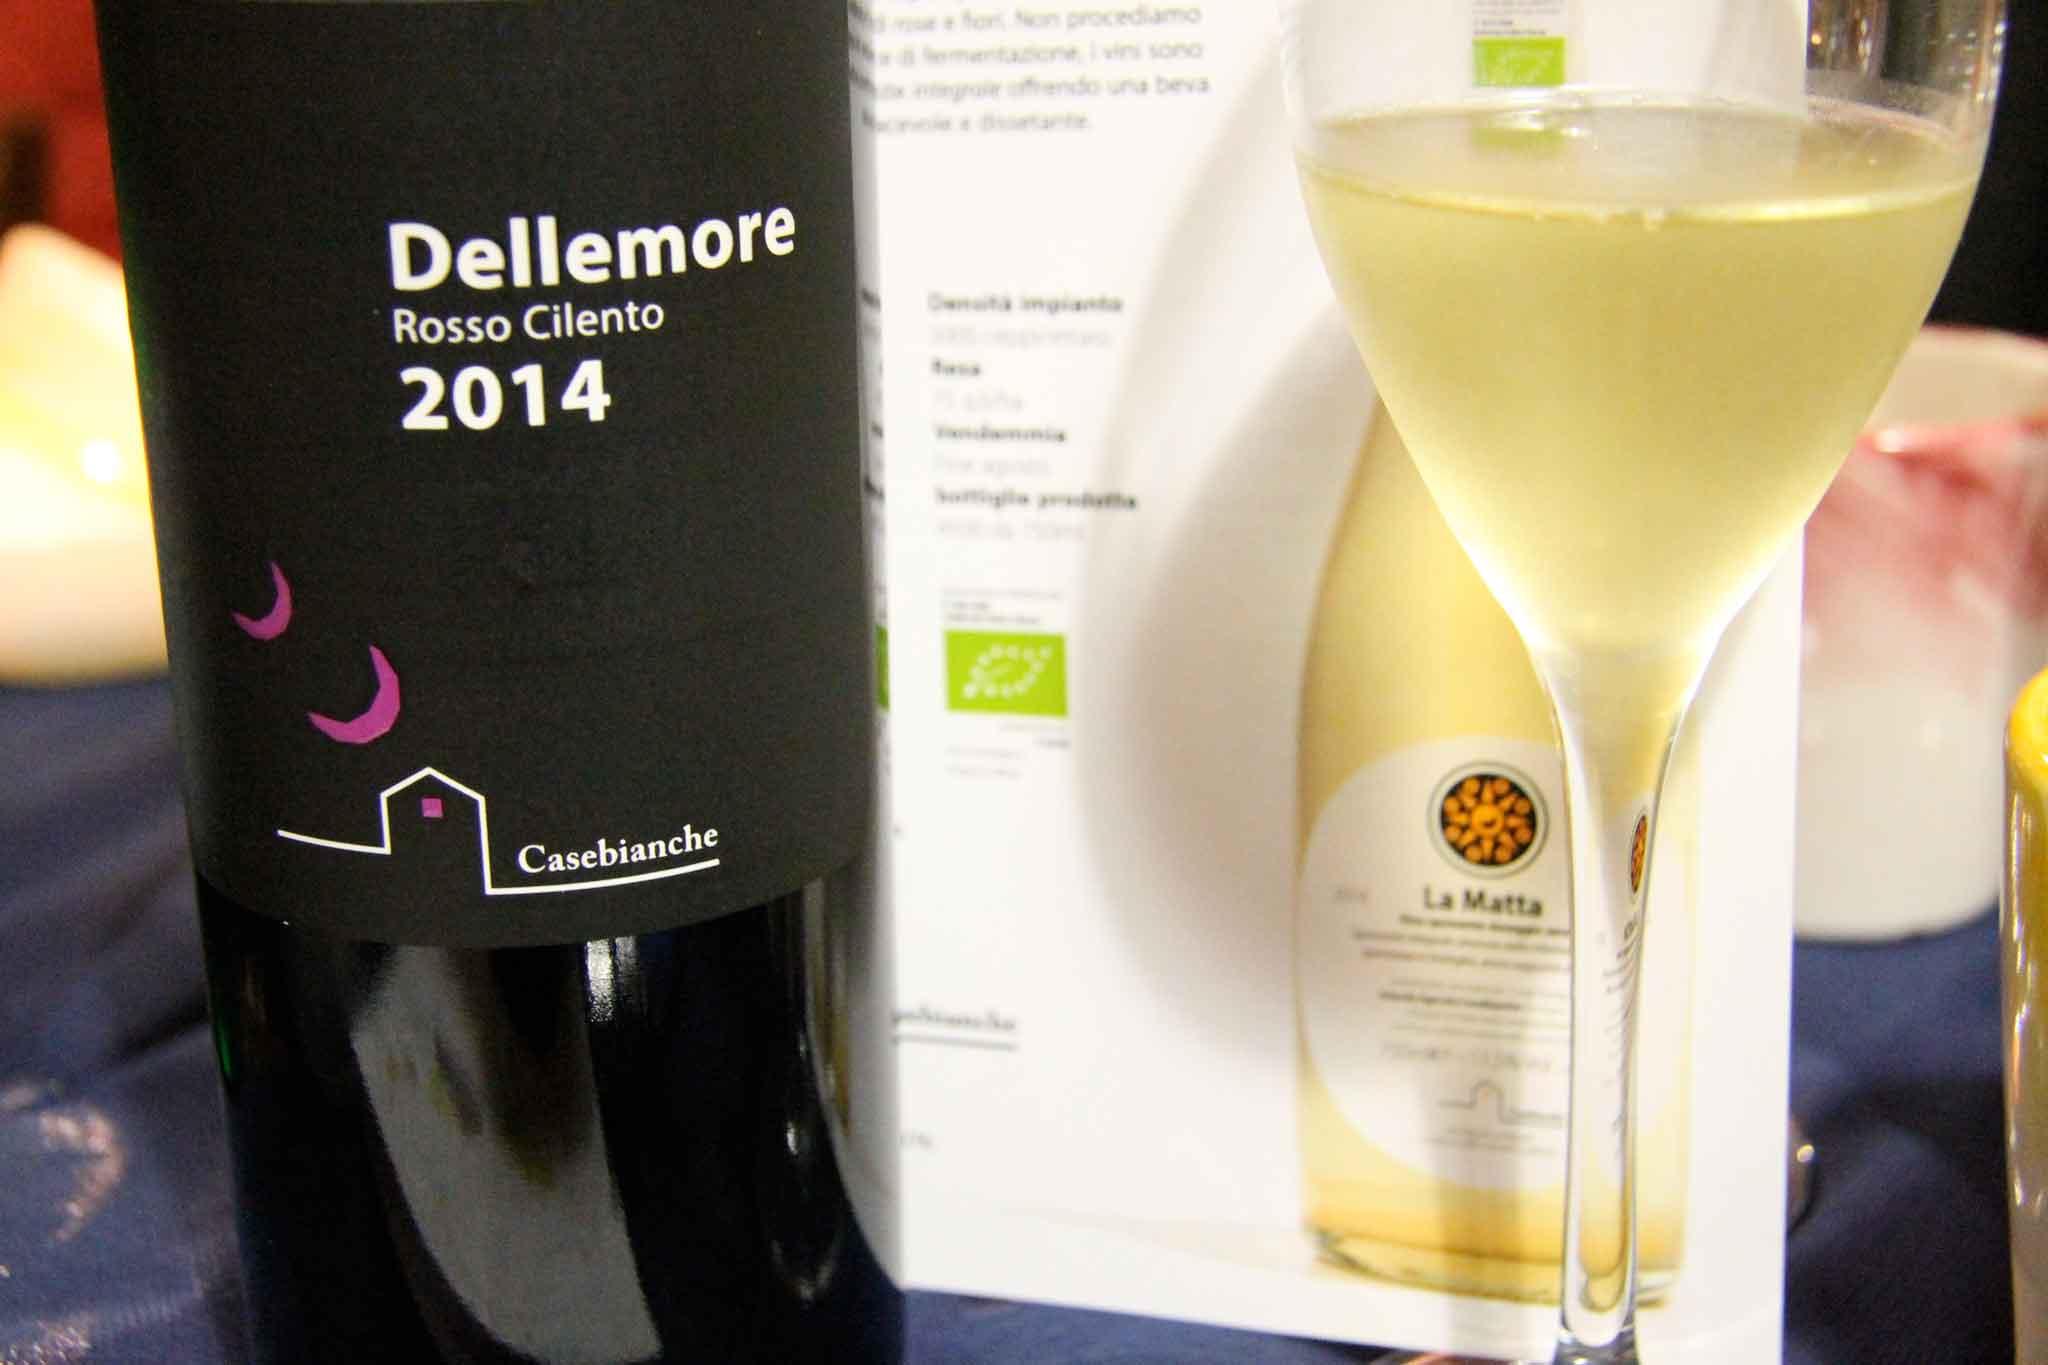 Dellemore vino Casebianche